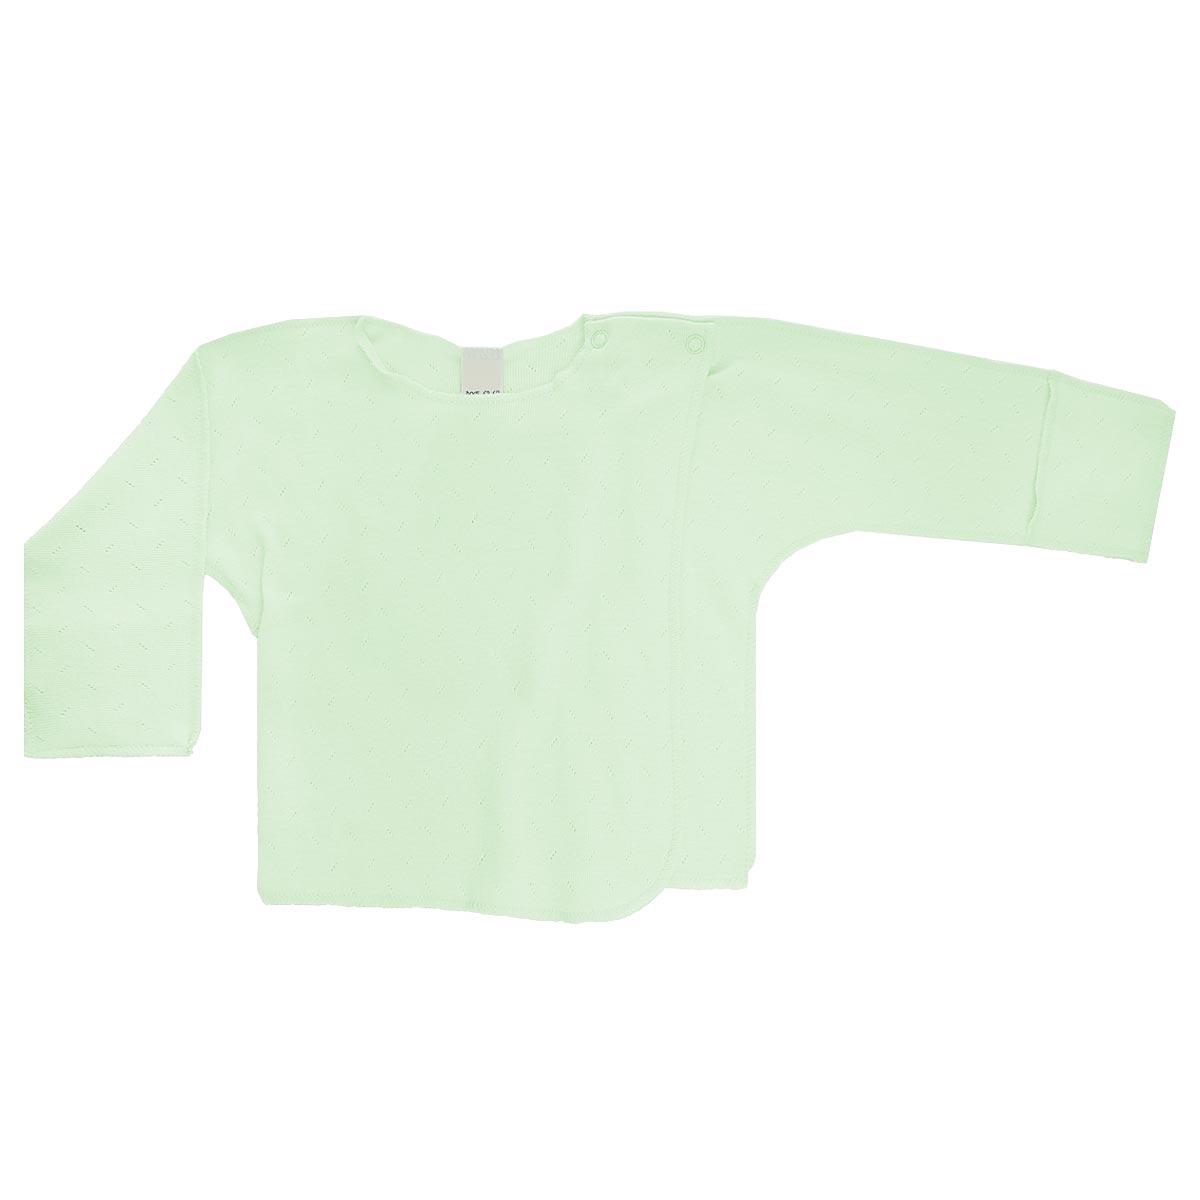 Распашонка Lucky Child Ажур цвет: светло-зеленый. 0-8. Размер 62/680-8Распашонка для новорожденного Lucky Child Ажур с длинными рукавами послужит идеальным дополнением к гардеробу вашего малыша, обеспечивая ему наибольший комфорт. Распашонка изготовлена из натурального хлопка, благодаря чему она необычайно мягкая и легкая, не раздражает нежную кожу ребенка и хорошо вентилируется, а эластичные швы приятны телу малыша и не препятствуют его движениям.Распашонка-кимоно для новорожденного, выполненная швами наружу, и украшенная ажурным узором, имеет кнопки по плечу, которые помогают с легкостью переодеть малыша. А благодаря рукавичкам ребенок не поцарапает себя. Ручки могут быть как открытыми, так и закрытыми. Распашонка полностью соответствует особенностям жизни ребенка в ранний период, не стесняя и не ограничивая его в движениях. В ней ваш малыш всегда будет в центре внимания.